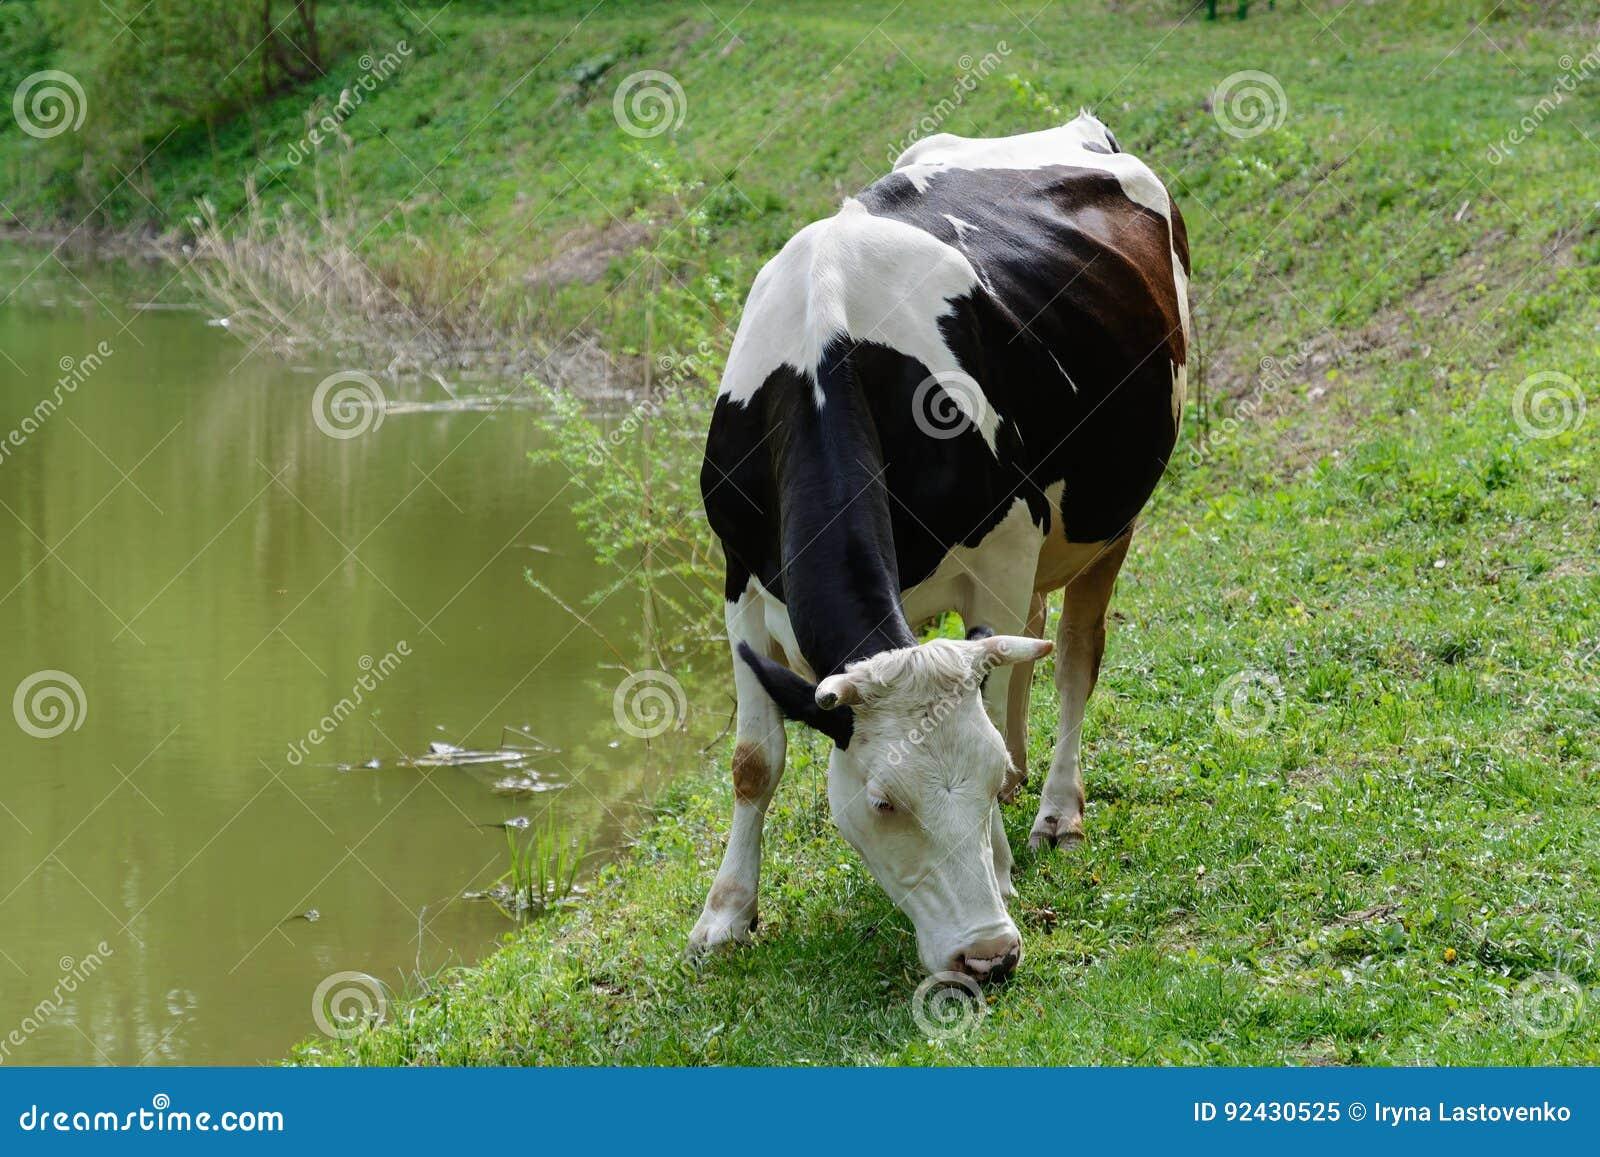 Beschmutzte Kuh lässt auf einer grünen Wiese weiden